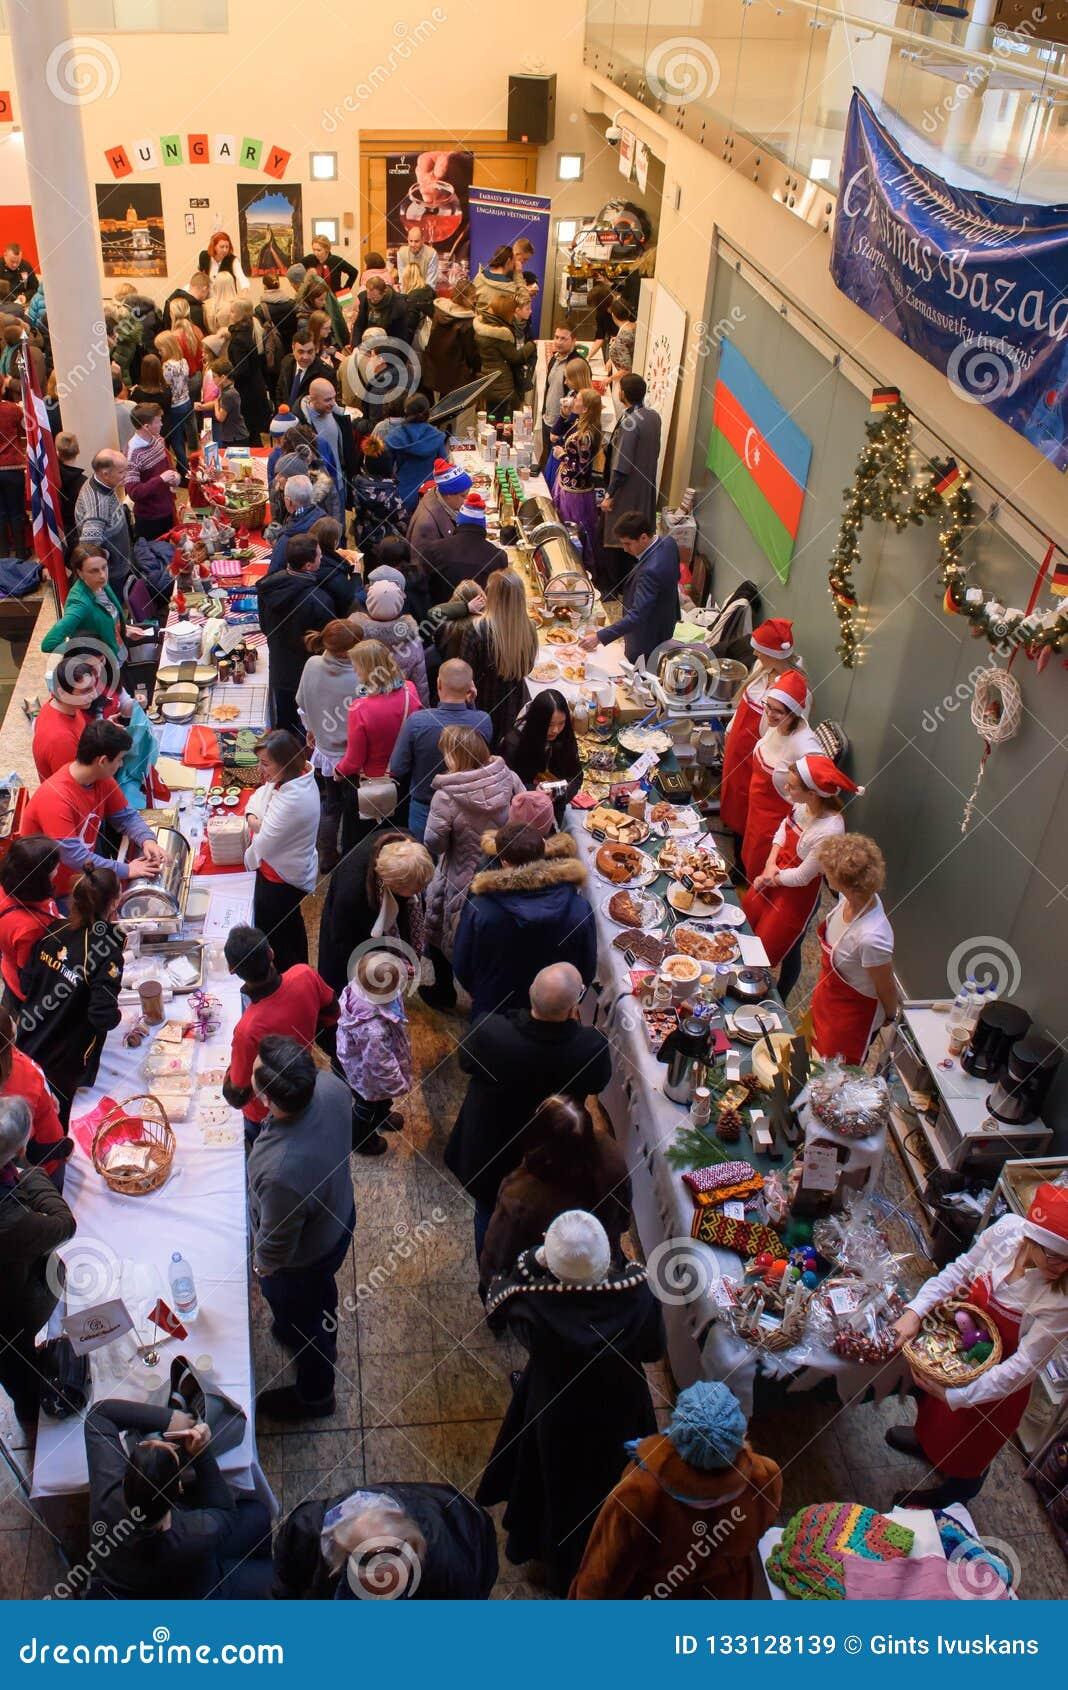 Christmas Bazaar Near Me.Christmas Charity Bazaar Organised By The International